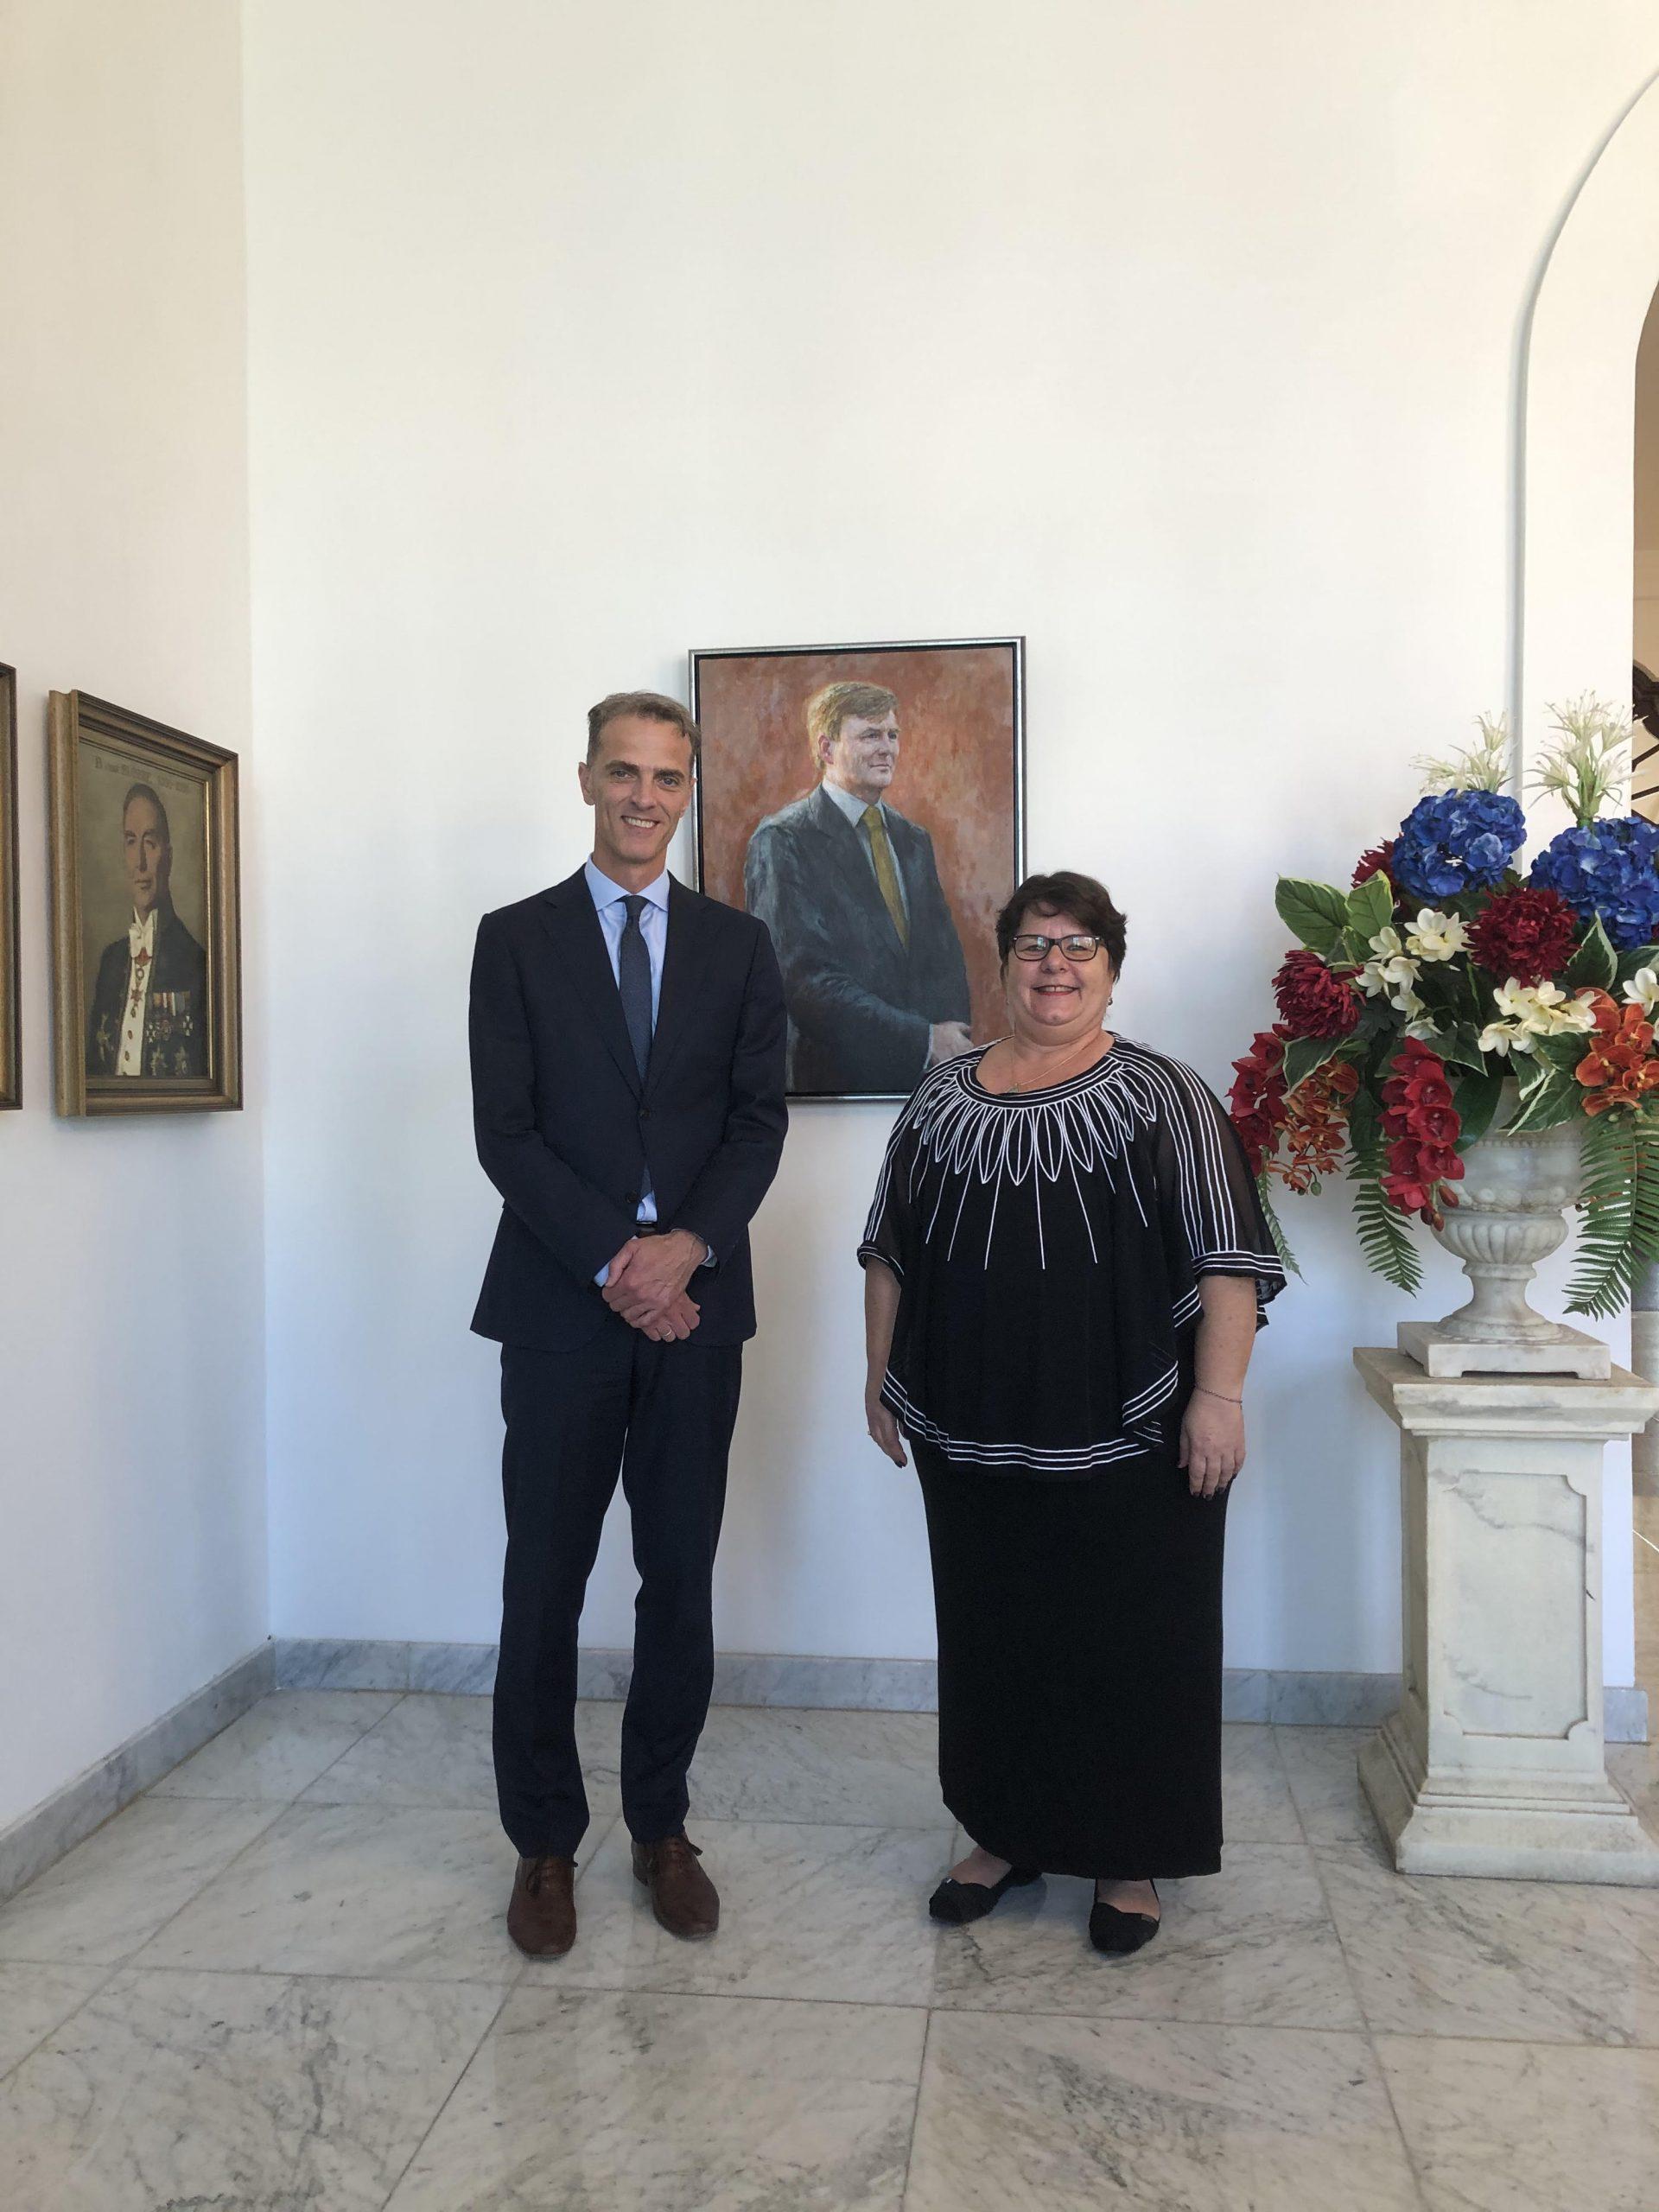 Op de foto: De waarnemend Gouverneur van Curaçao, H.E. Michèle Russel-Capriles en de president van de Centrale Bank van Curcaco en Sint Maarten, drs. R.A. Doornbosch.